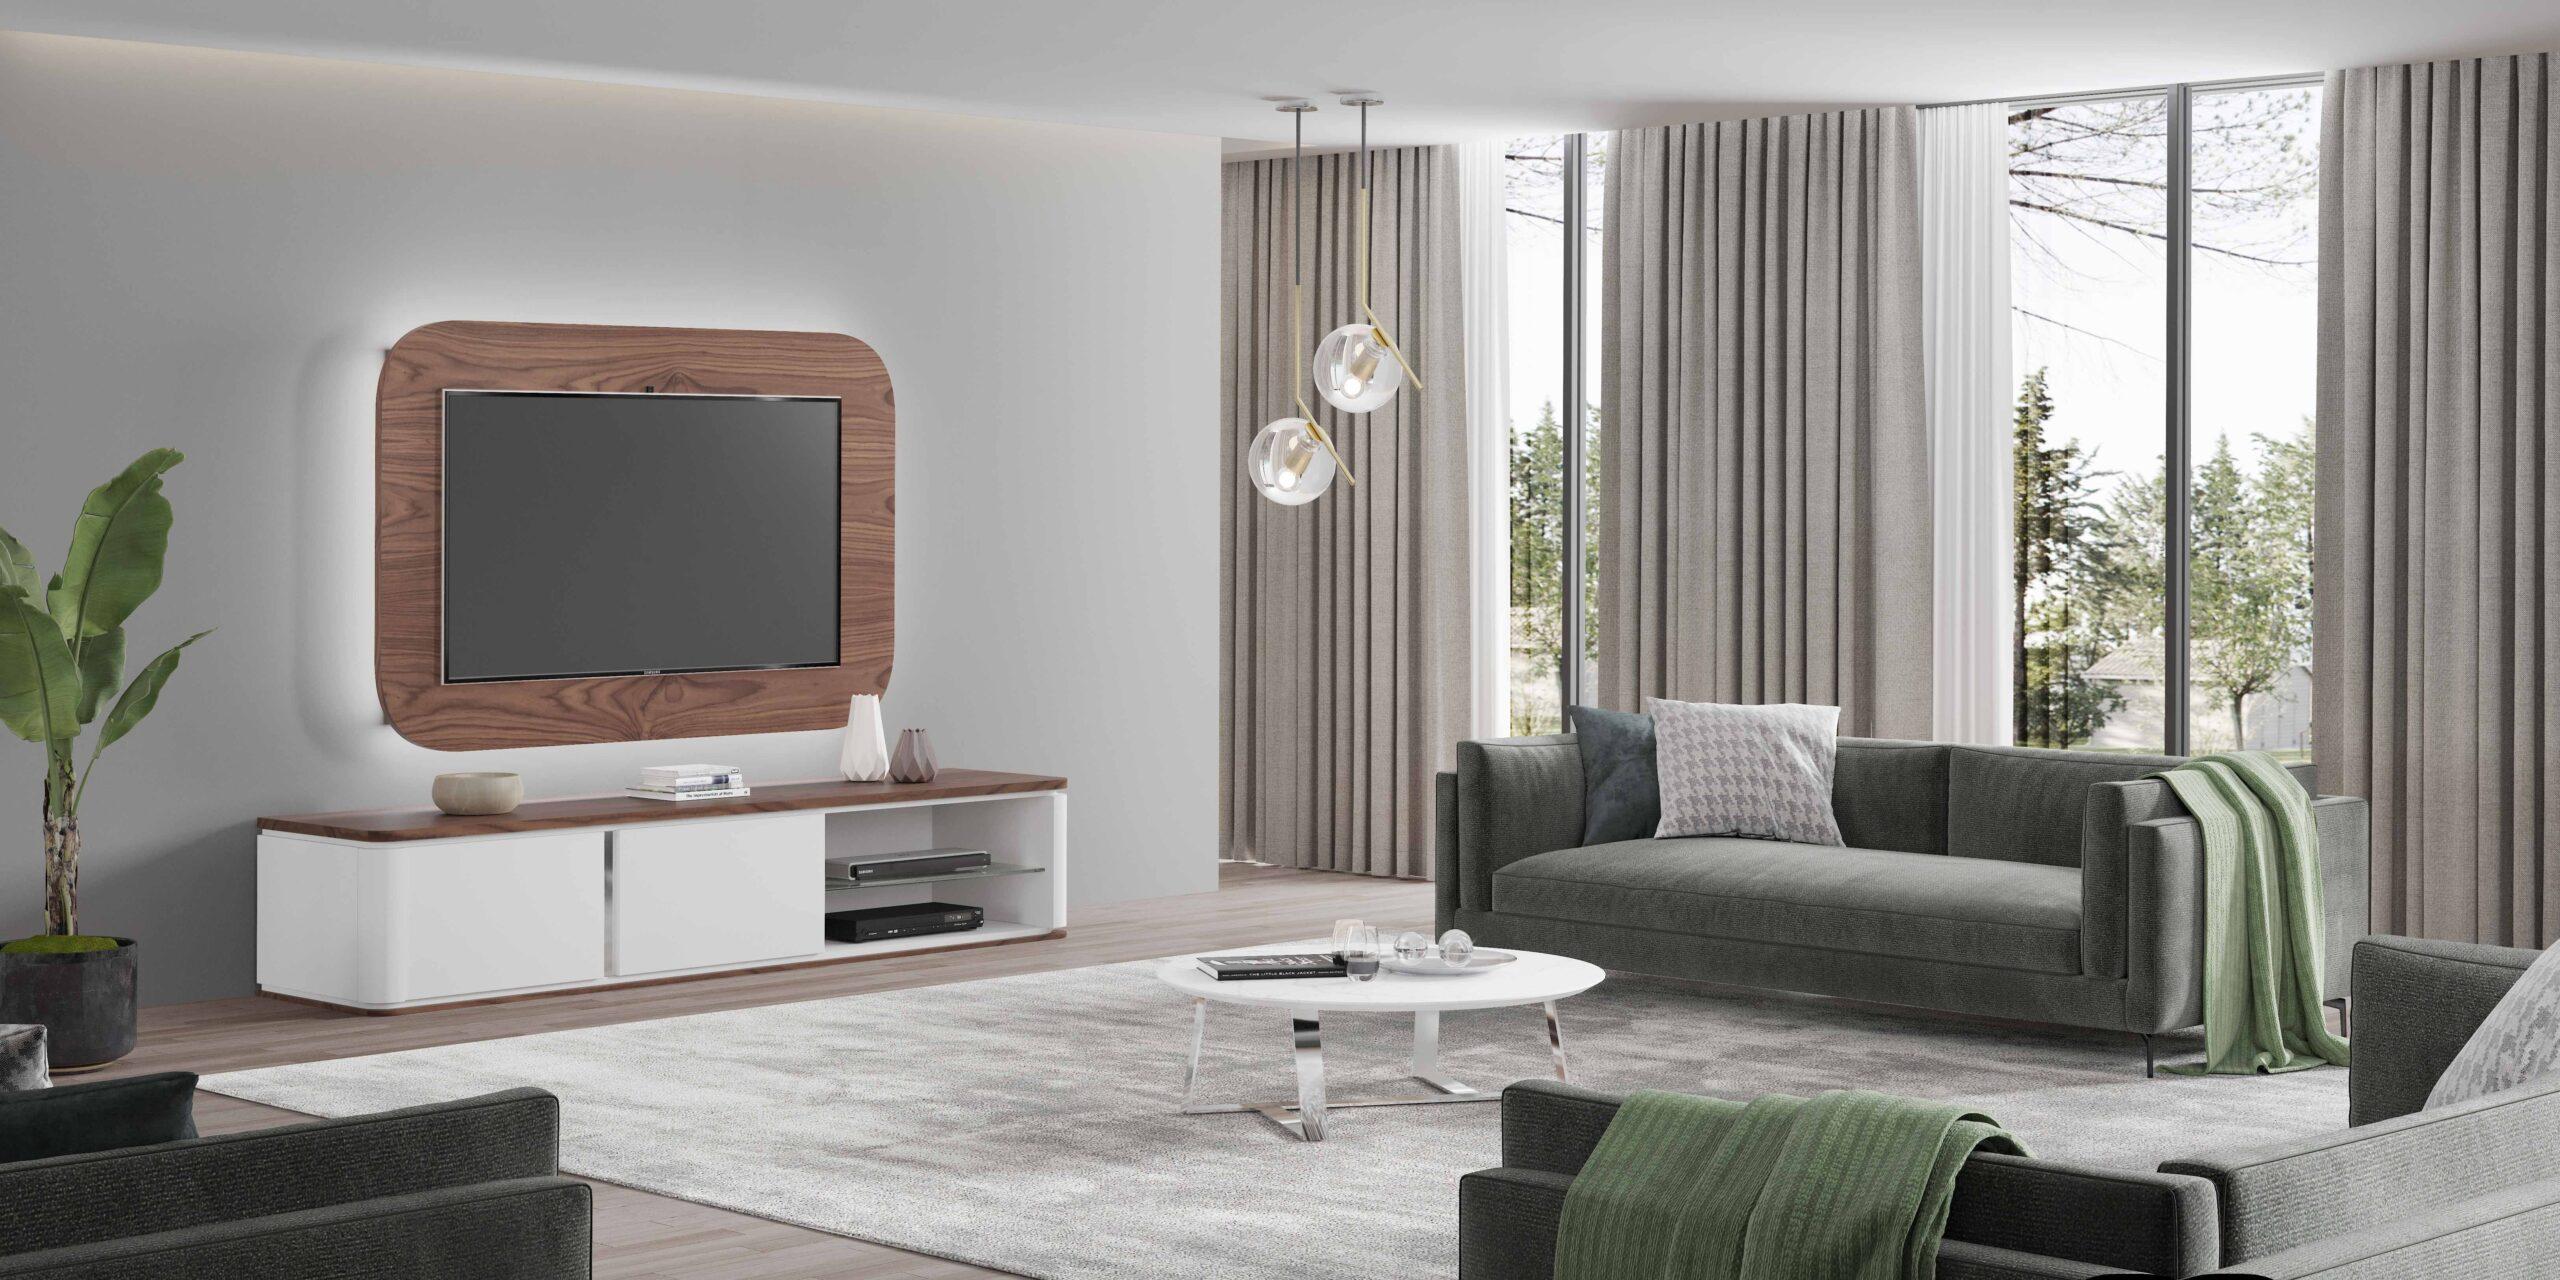 Sala de estar com mesa de apoio e móvel de tv moderno